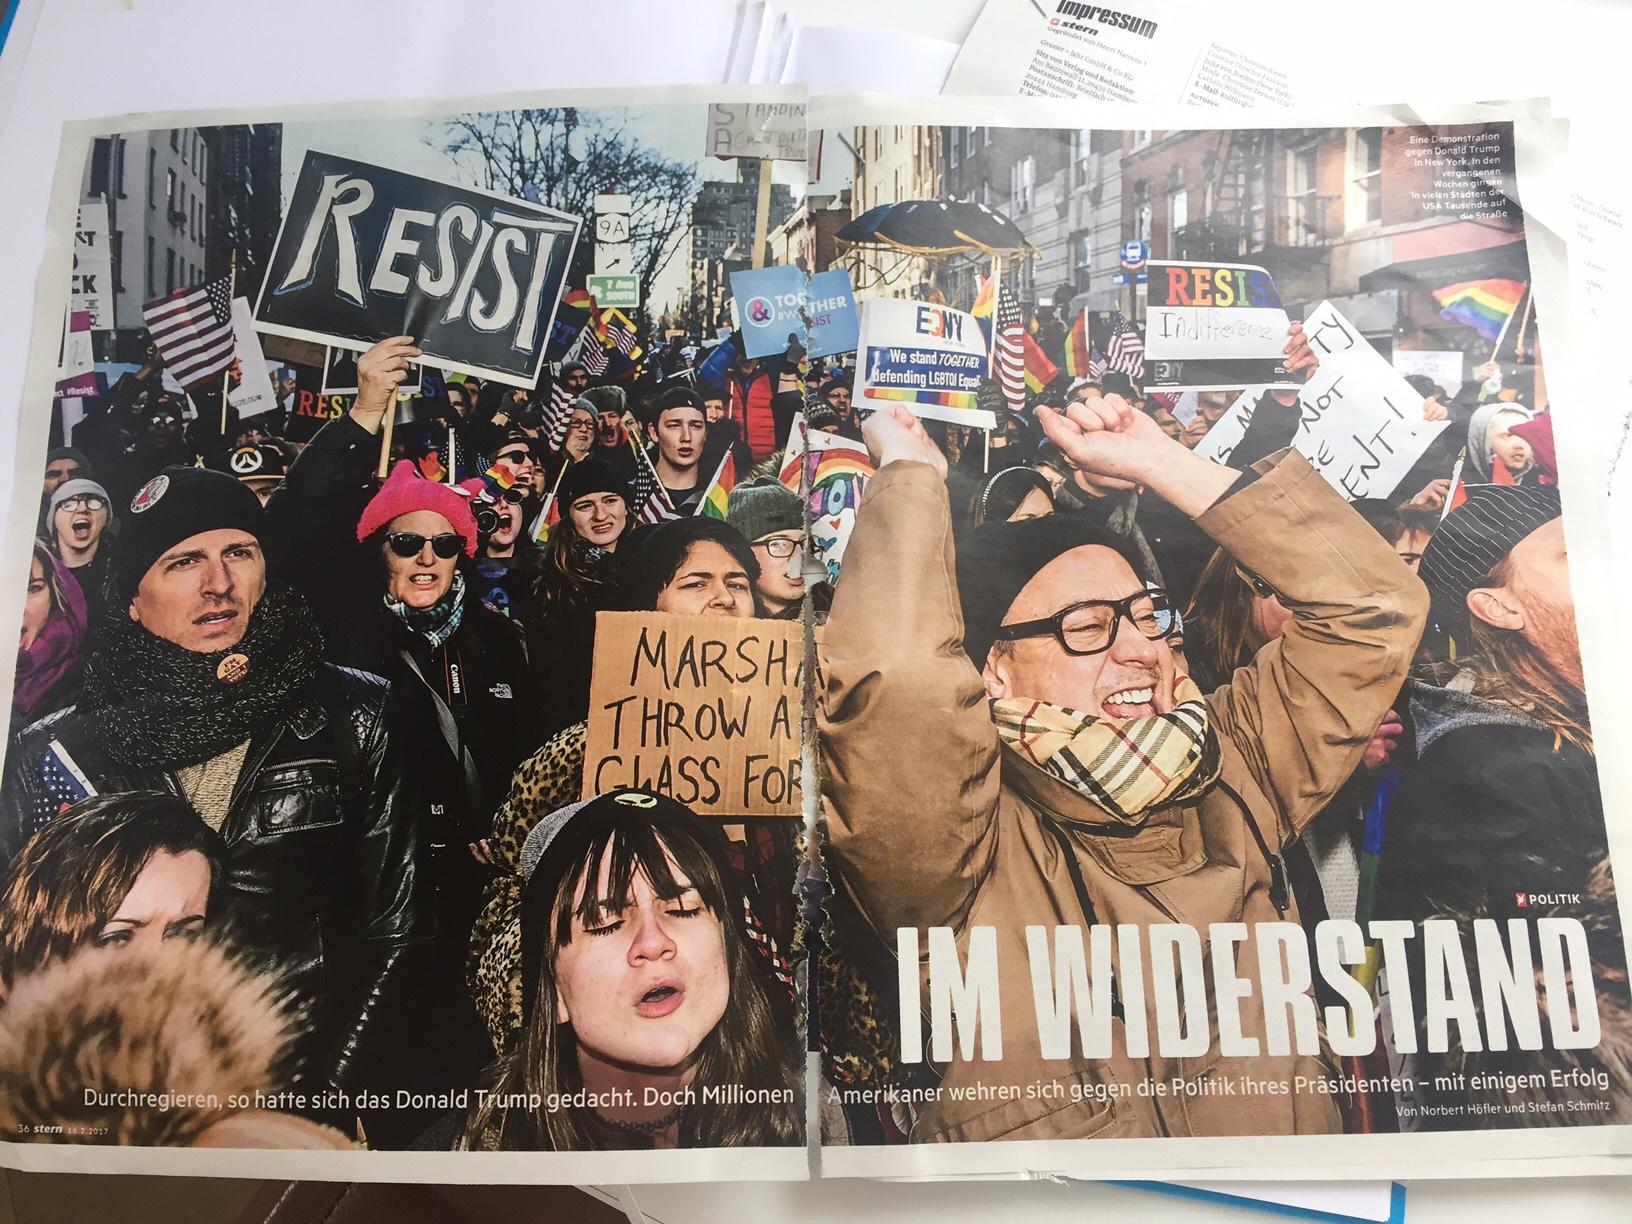 stern Artikel vom 16.02.2017 über den Widerstand in den USA gegen Präsident Trump